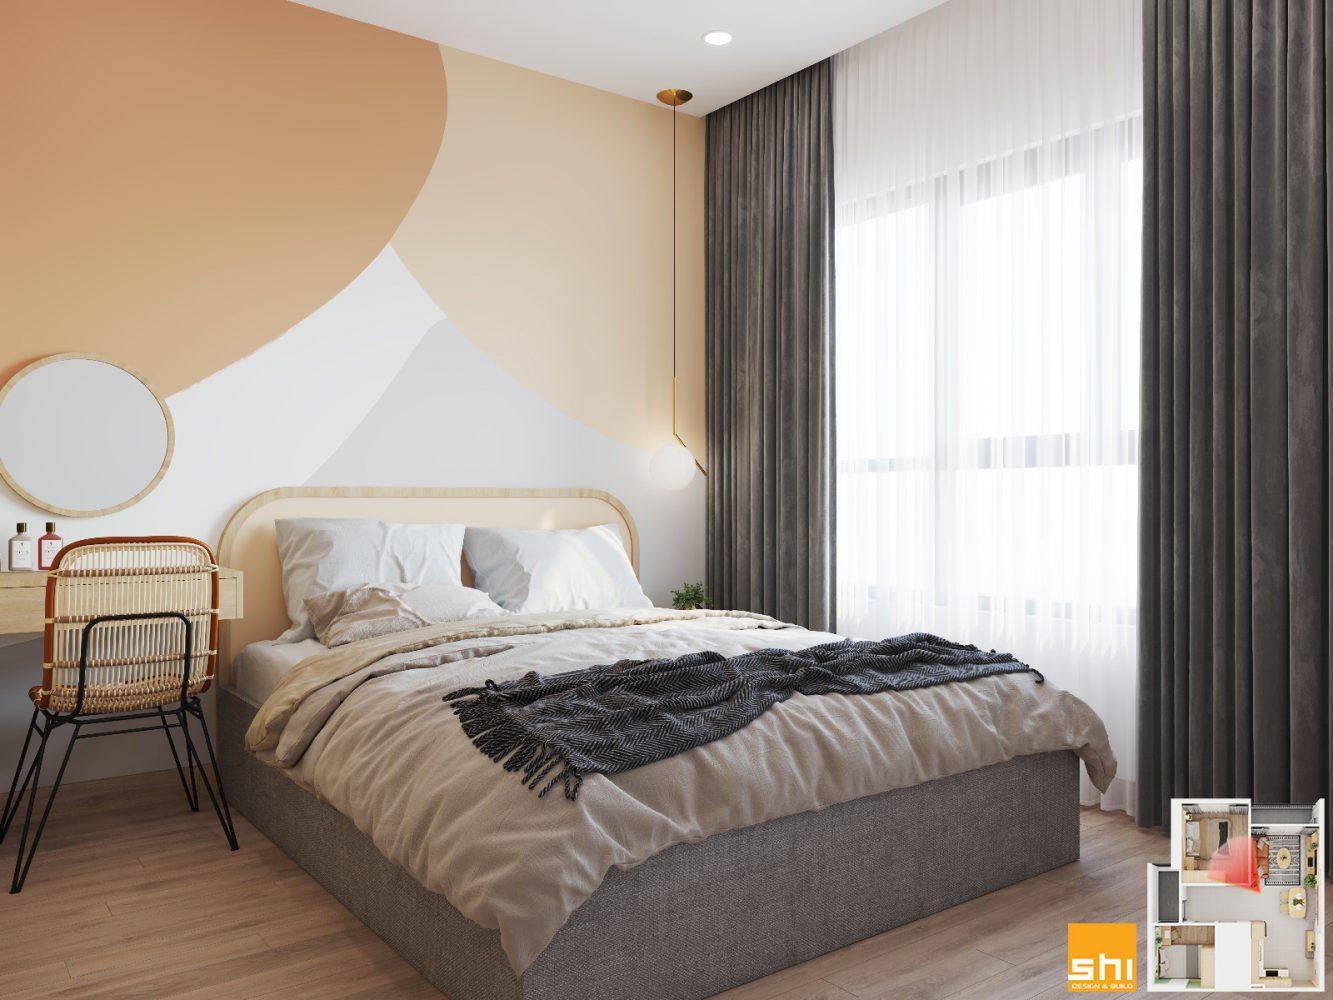 Thiết kế nội thất căn hộ 65m2 2 phòng ngủ - 07